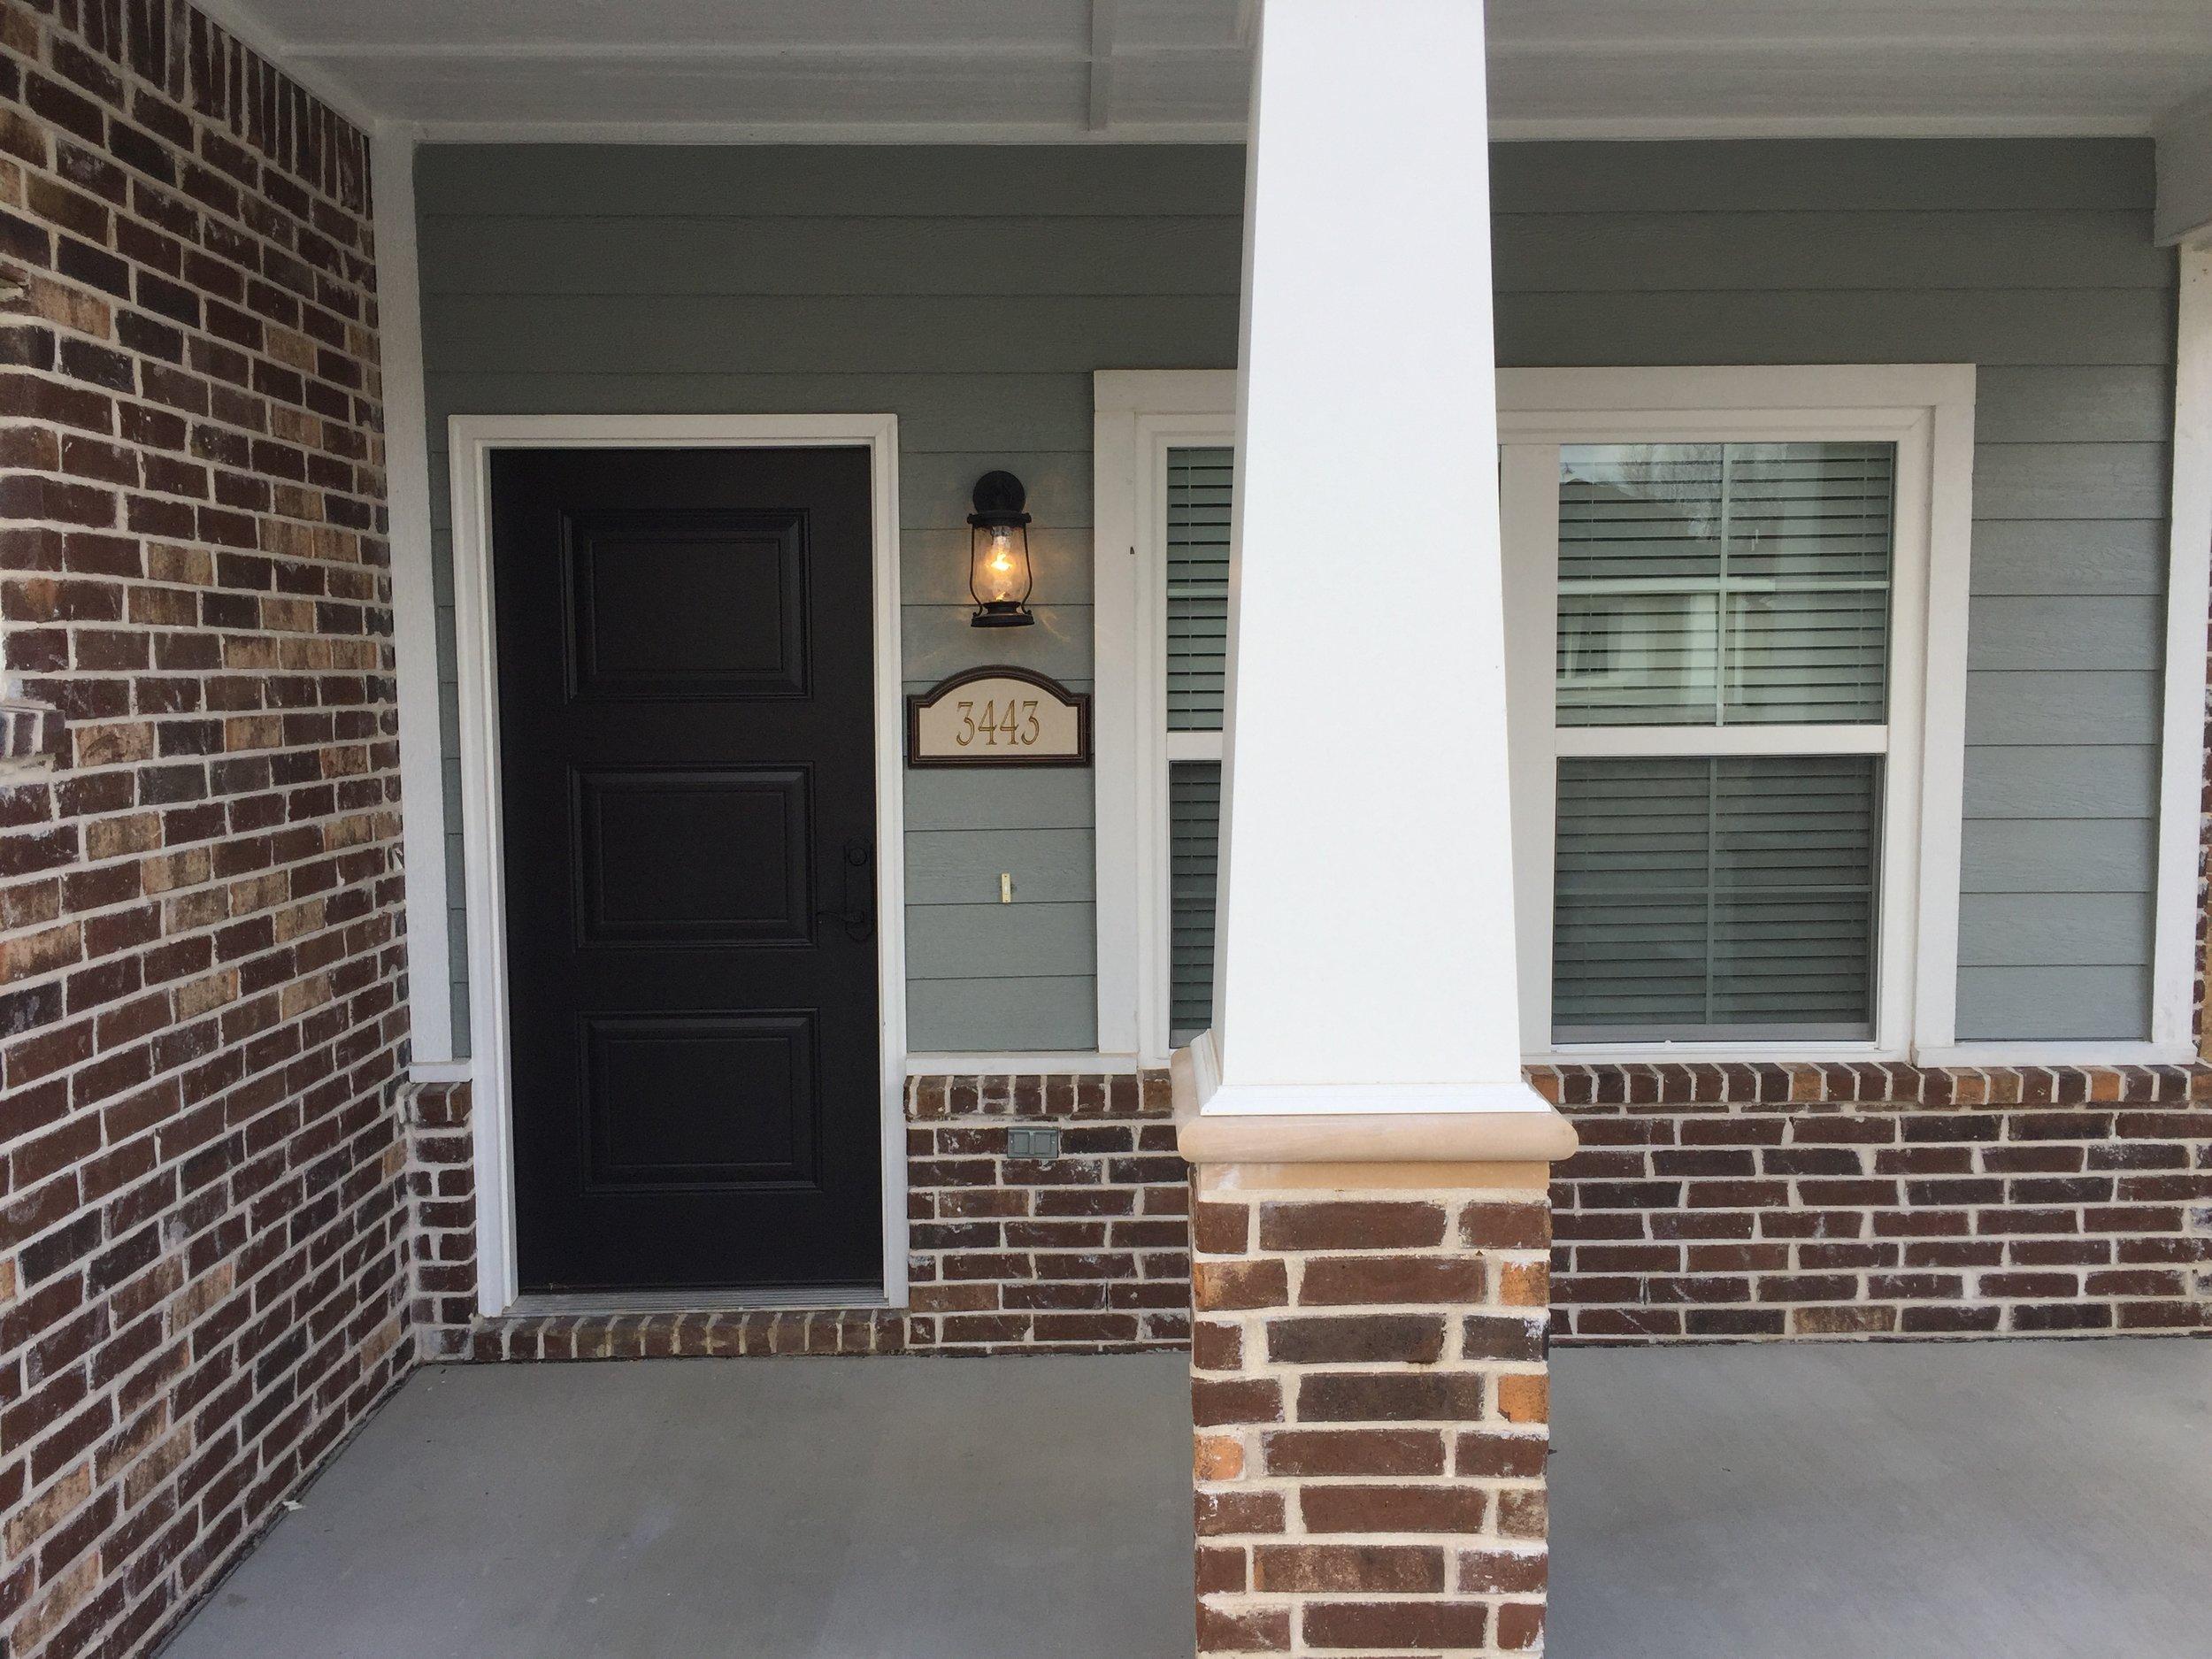 3443 front door exterior